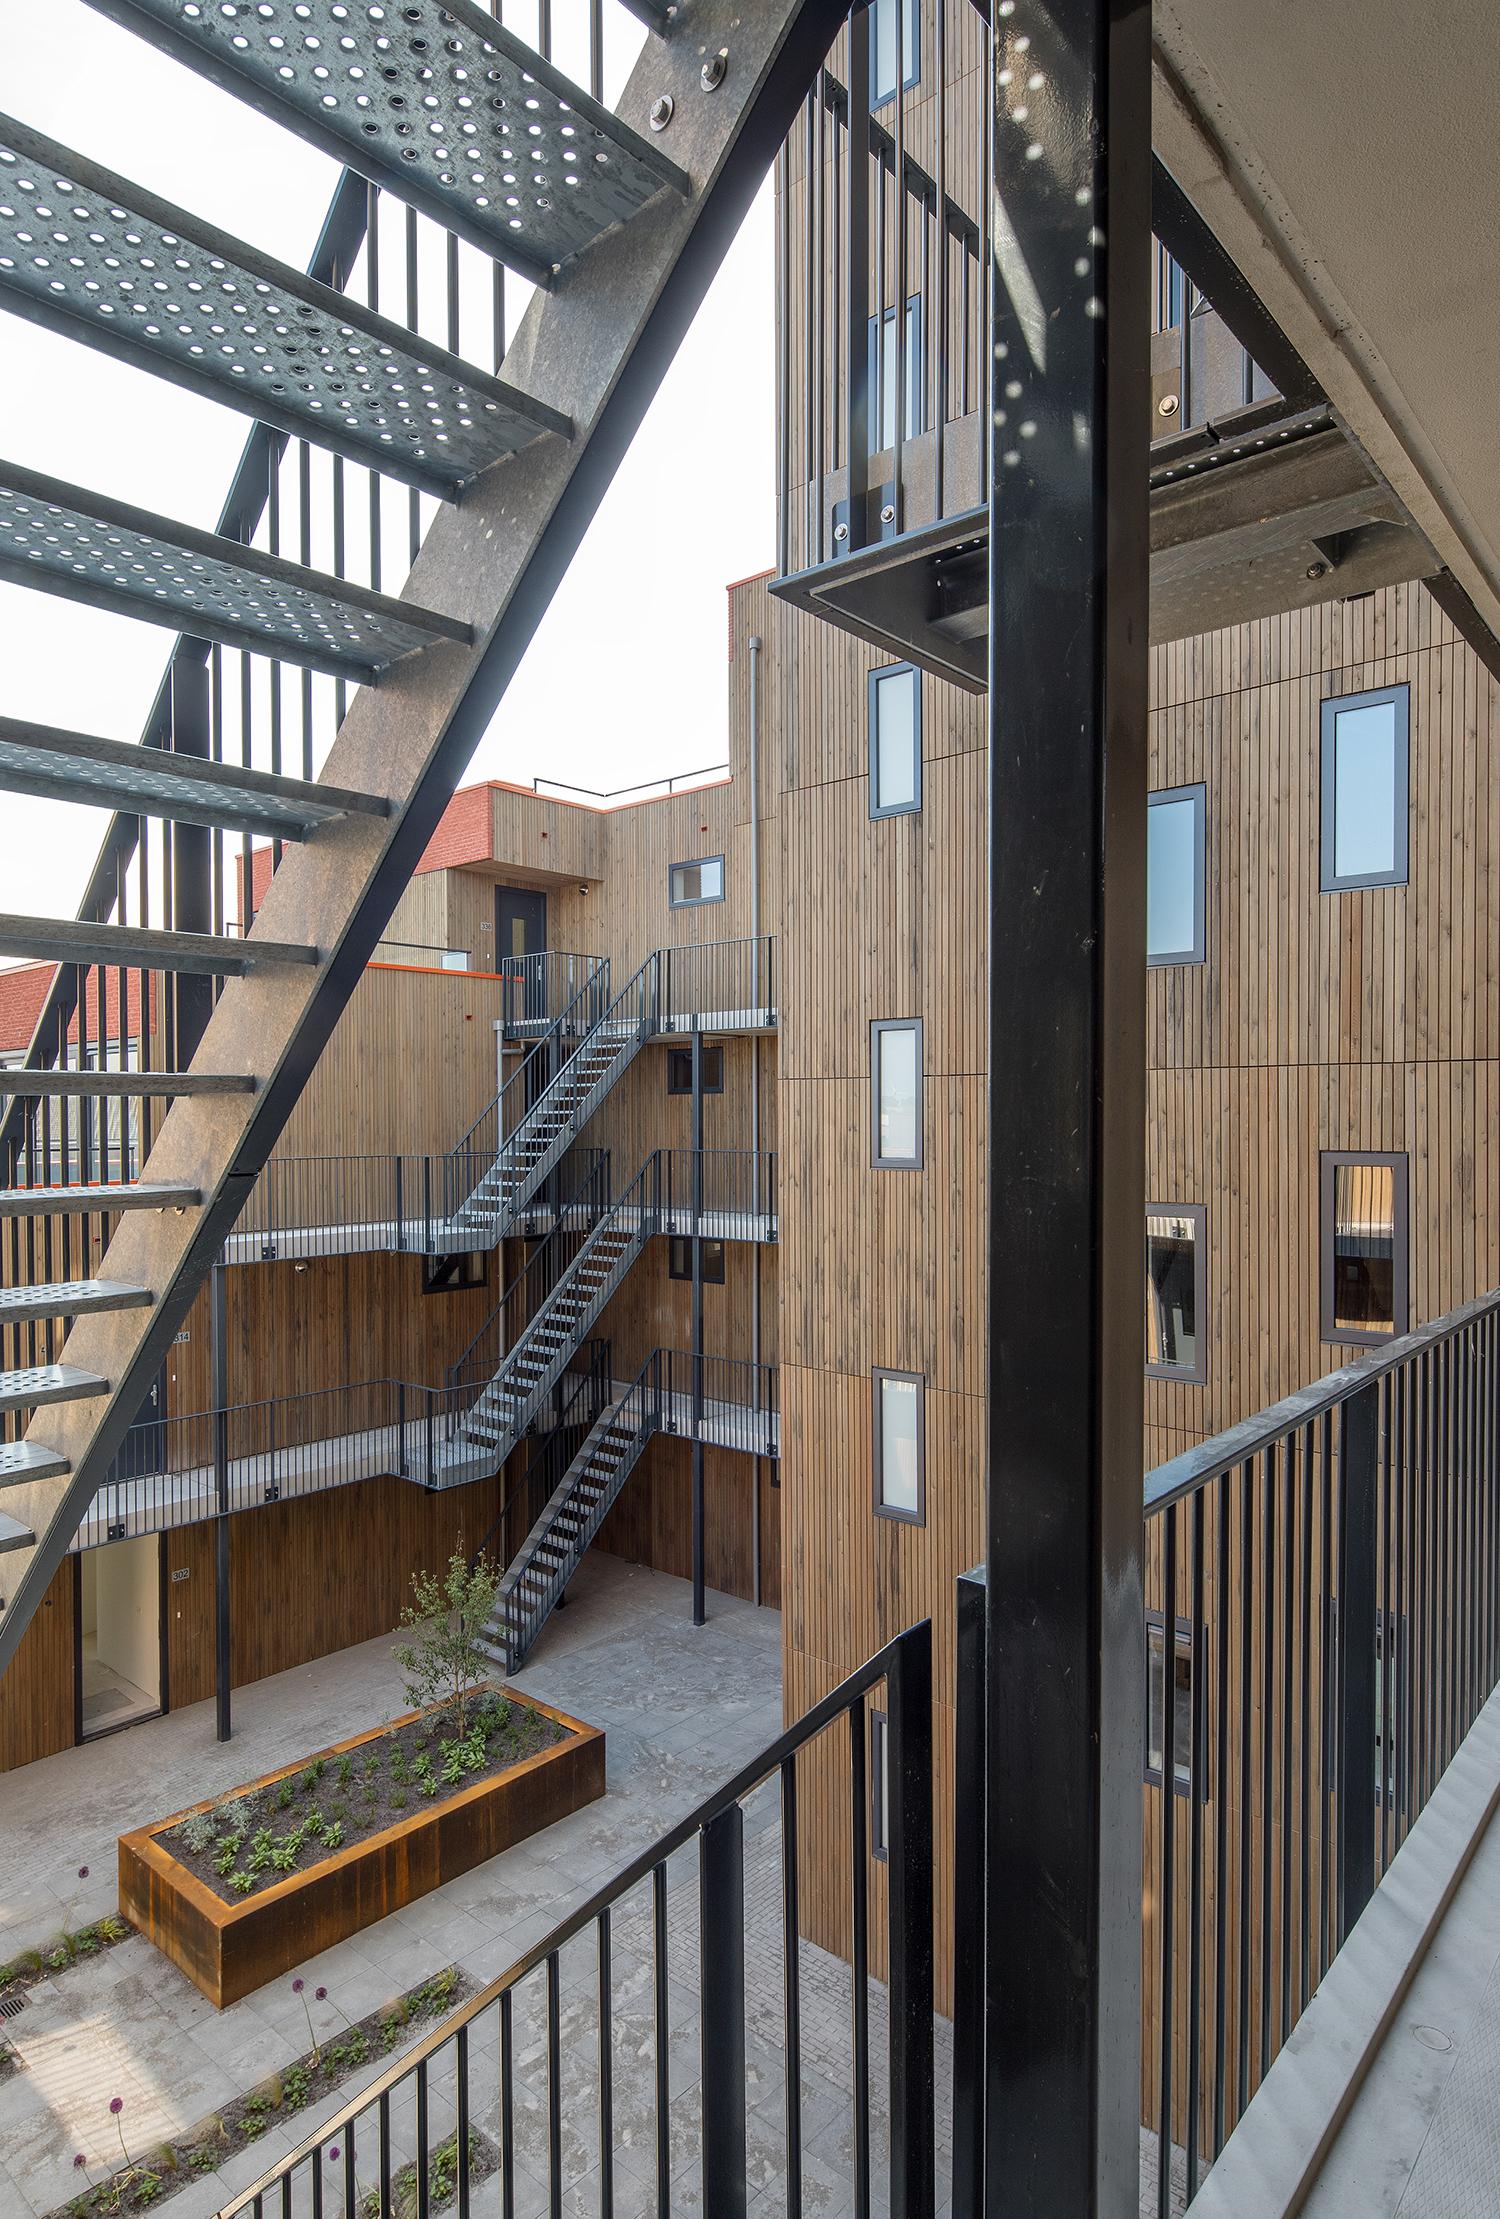 6_4_Urban-Villa-Achillesveld-Almere_Cross-Architecture.jpg